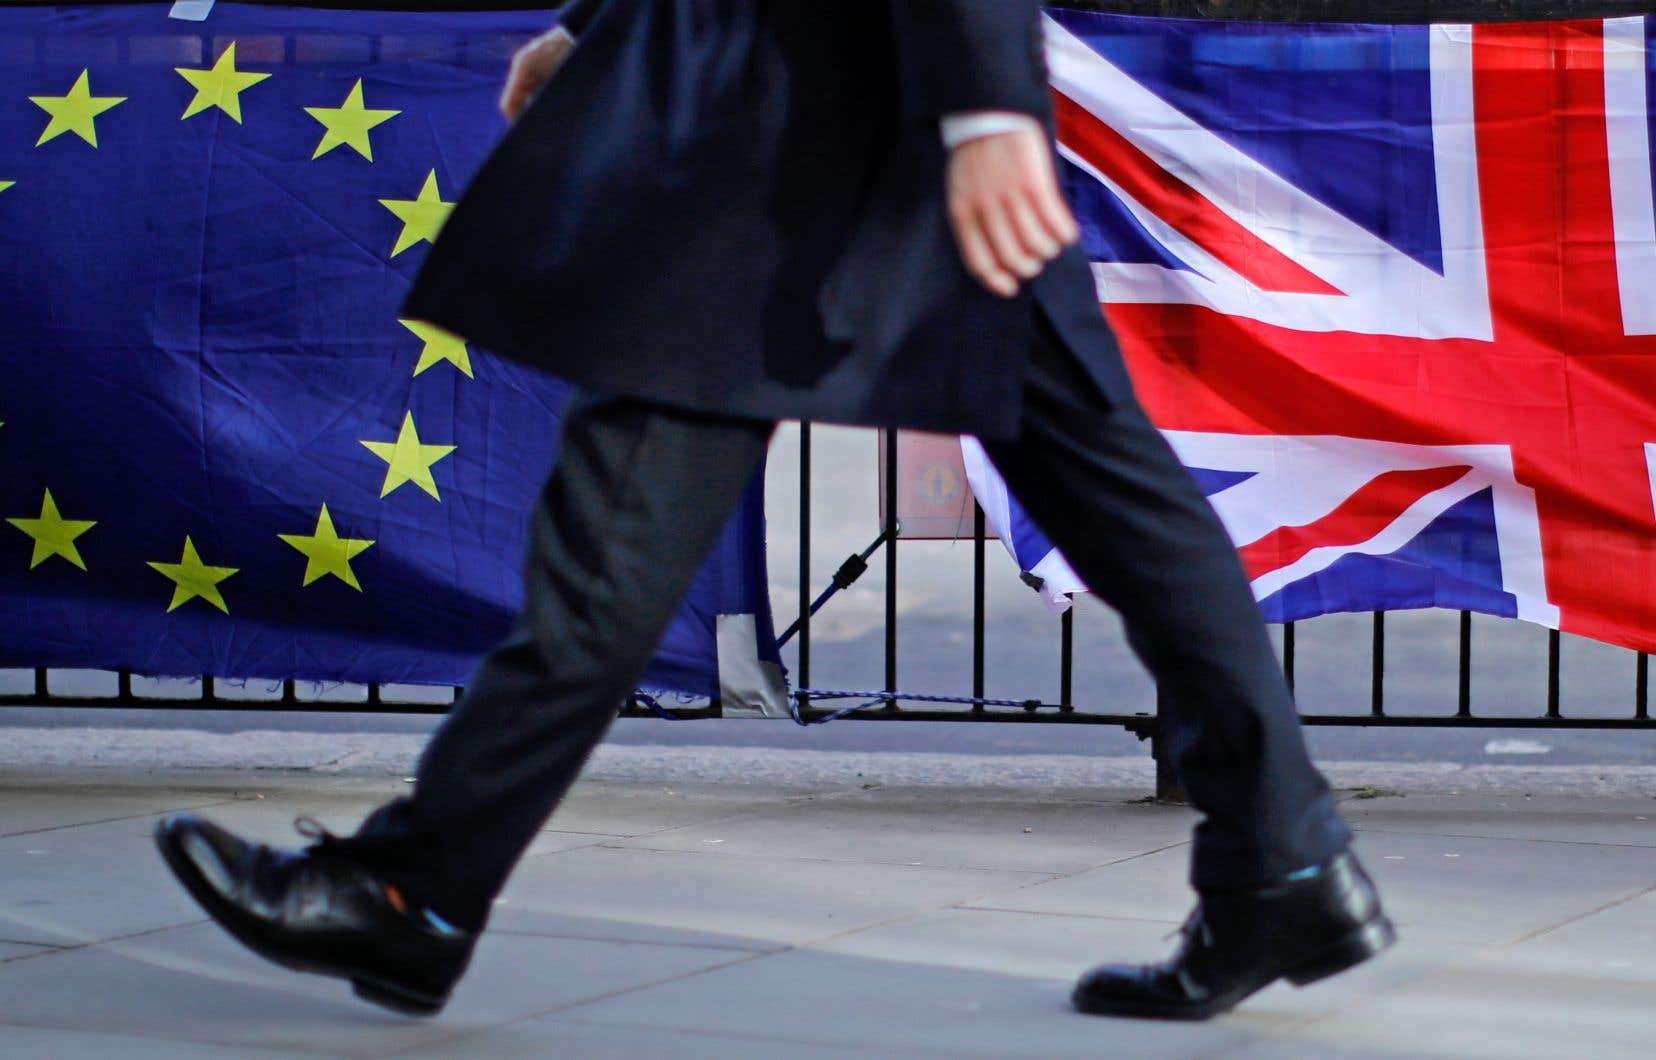 Des manifestants anti-Brexit ont accroché les drapeaux de l'Europe et de la Grande-Bretagne devant la résidence du premier ministre britannique à Londres.